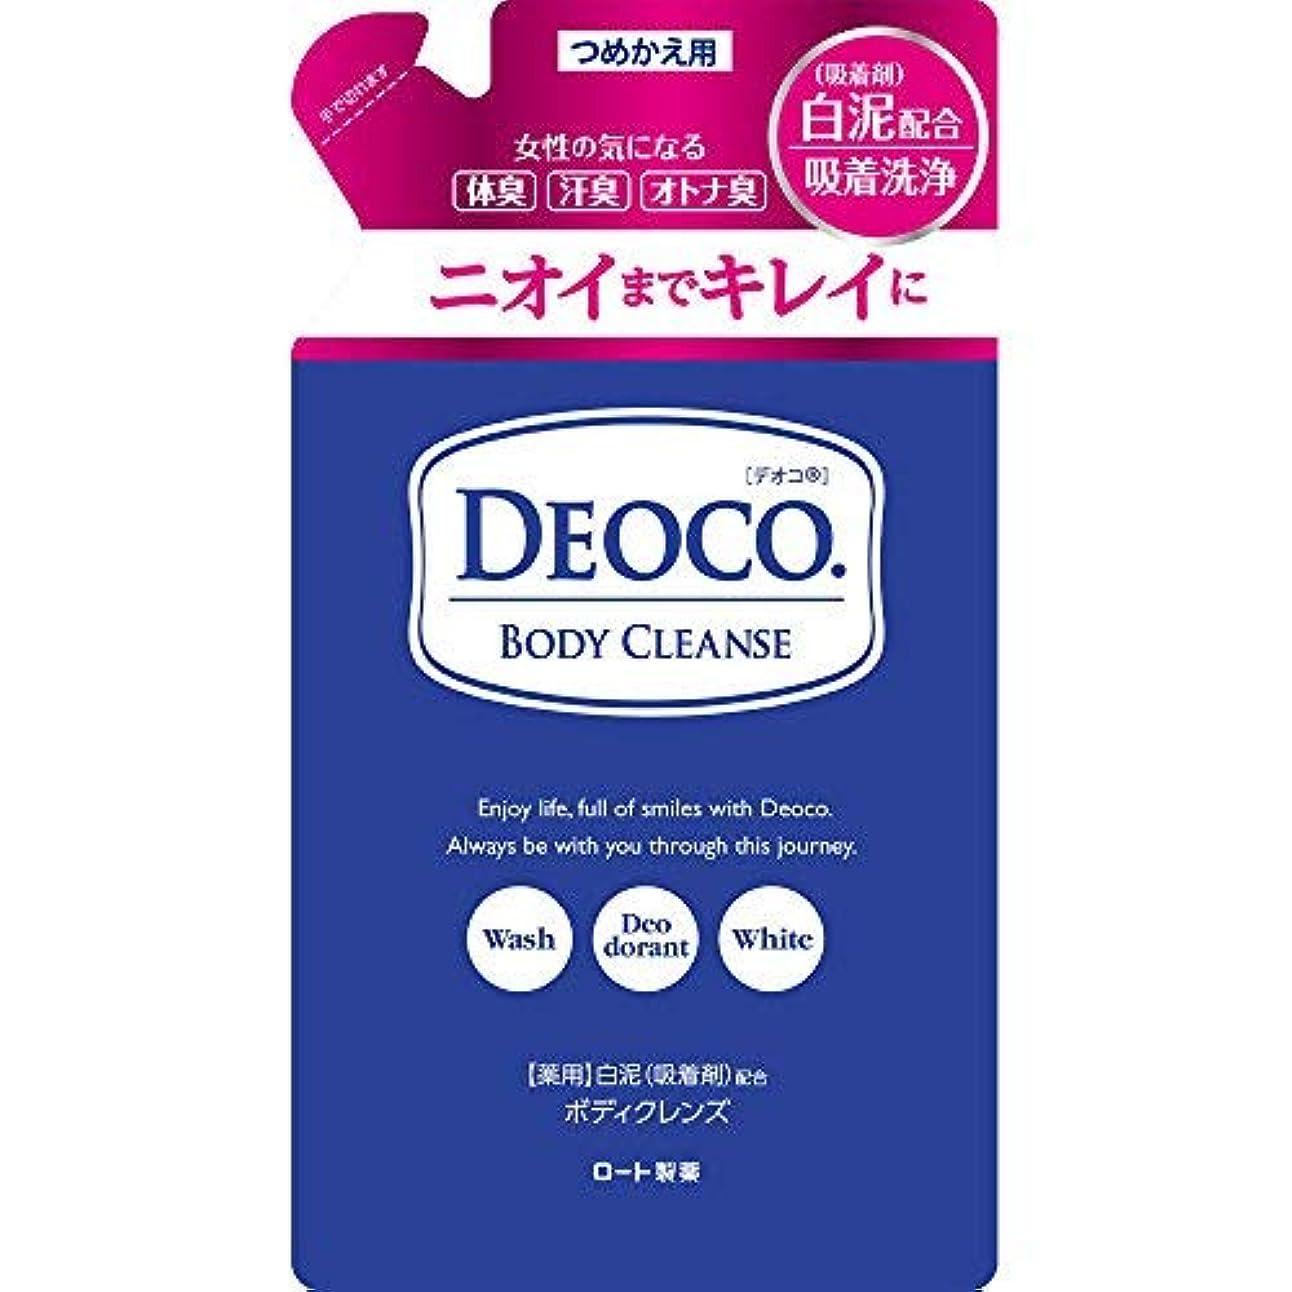 ずるい手順家禽ロート製薬 デオコ DEOCO 薬用 ボディクレンズ 詰め替え 250ml × 5個セット